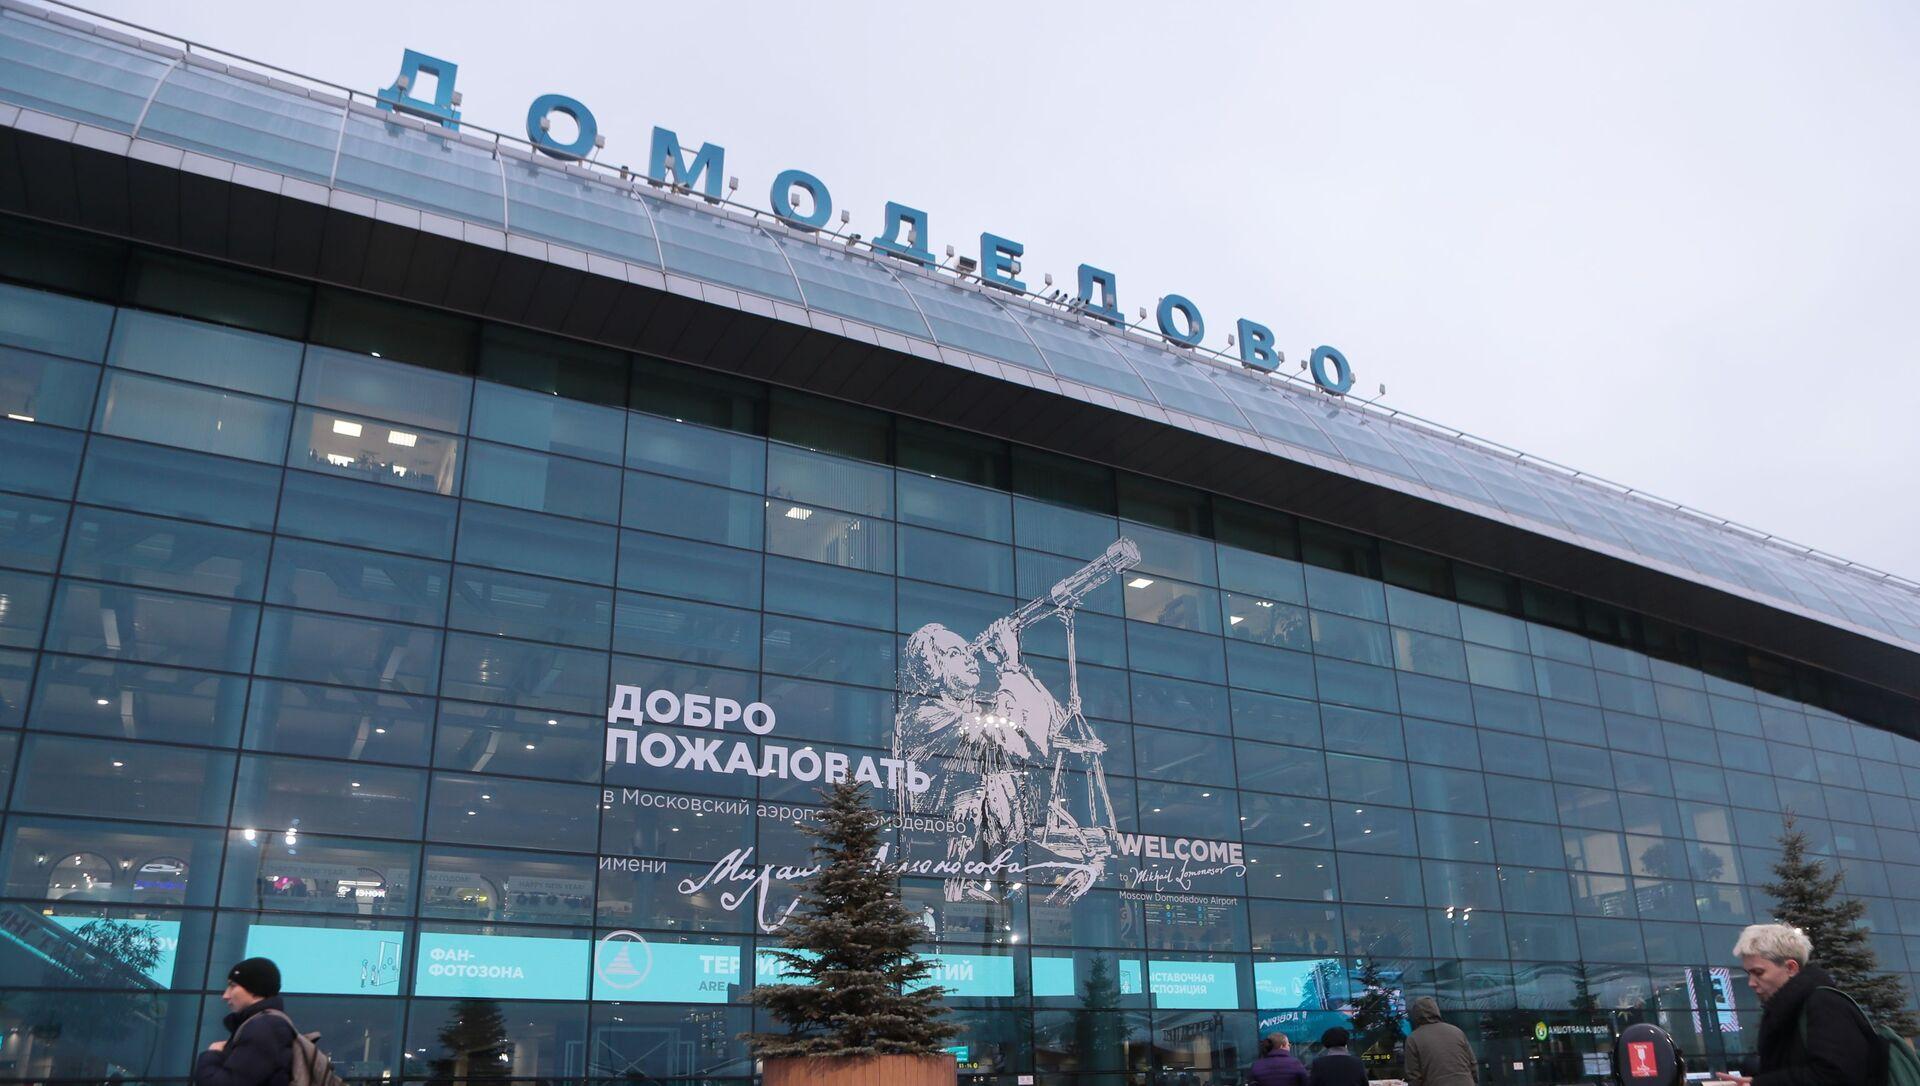 Аéroport de Domodedovo - Sputnik France, 1920, 28.08.2021